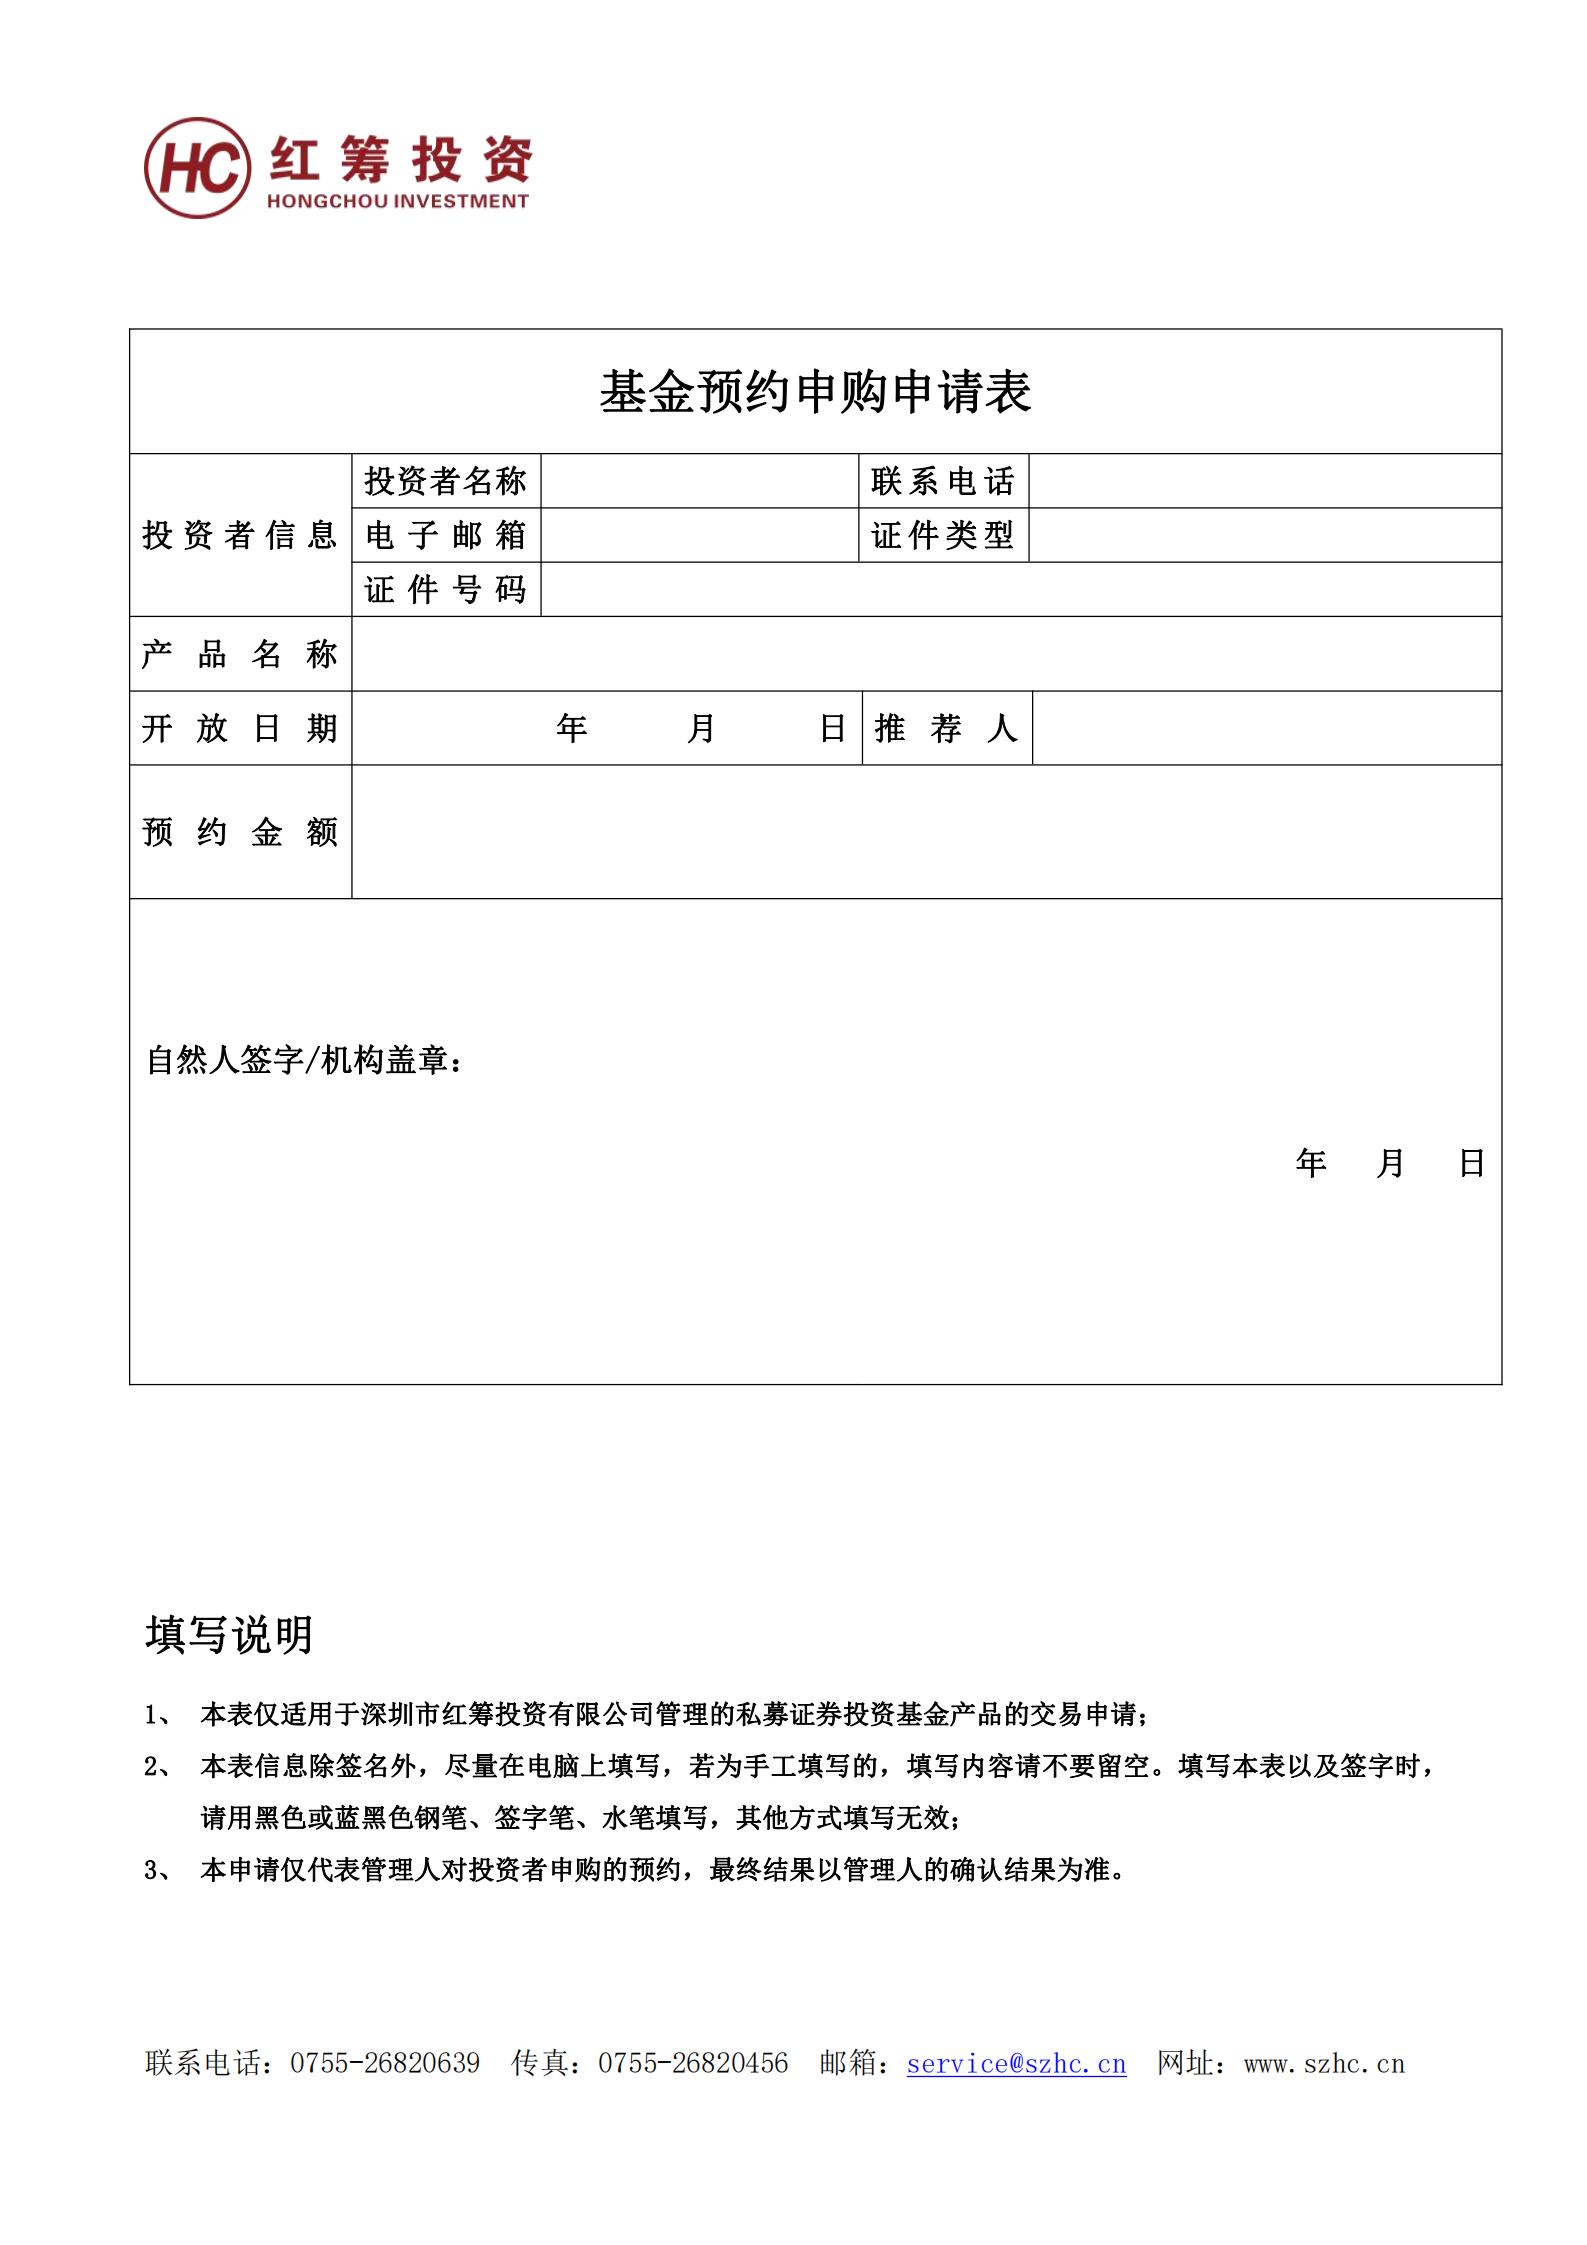 附件:基金预约申购申请表_00.png